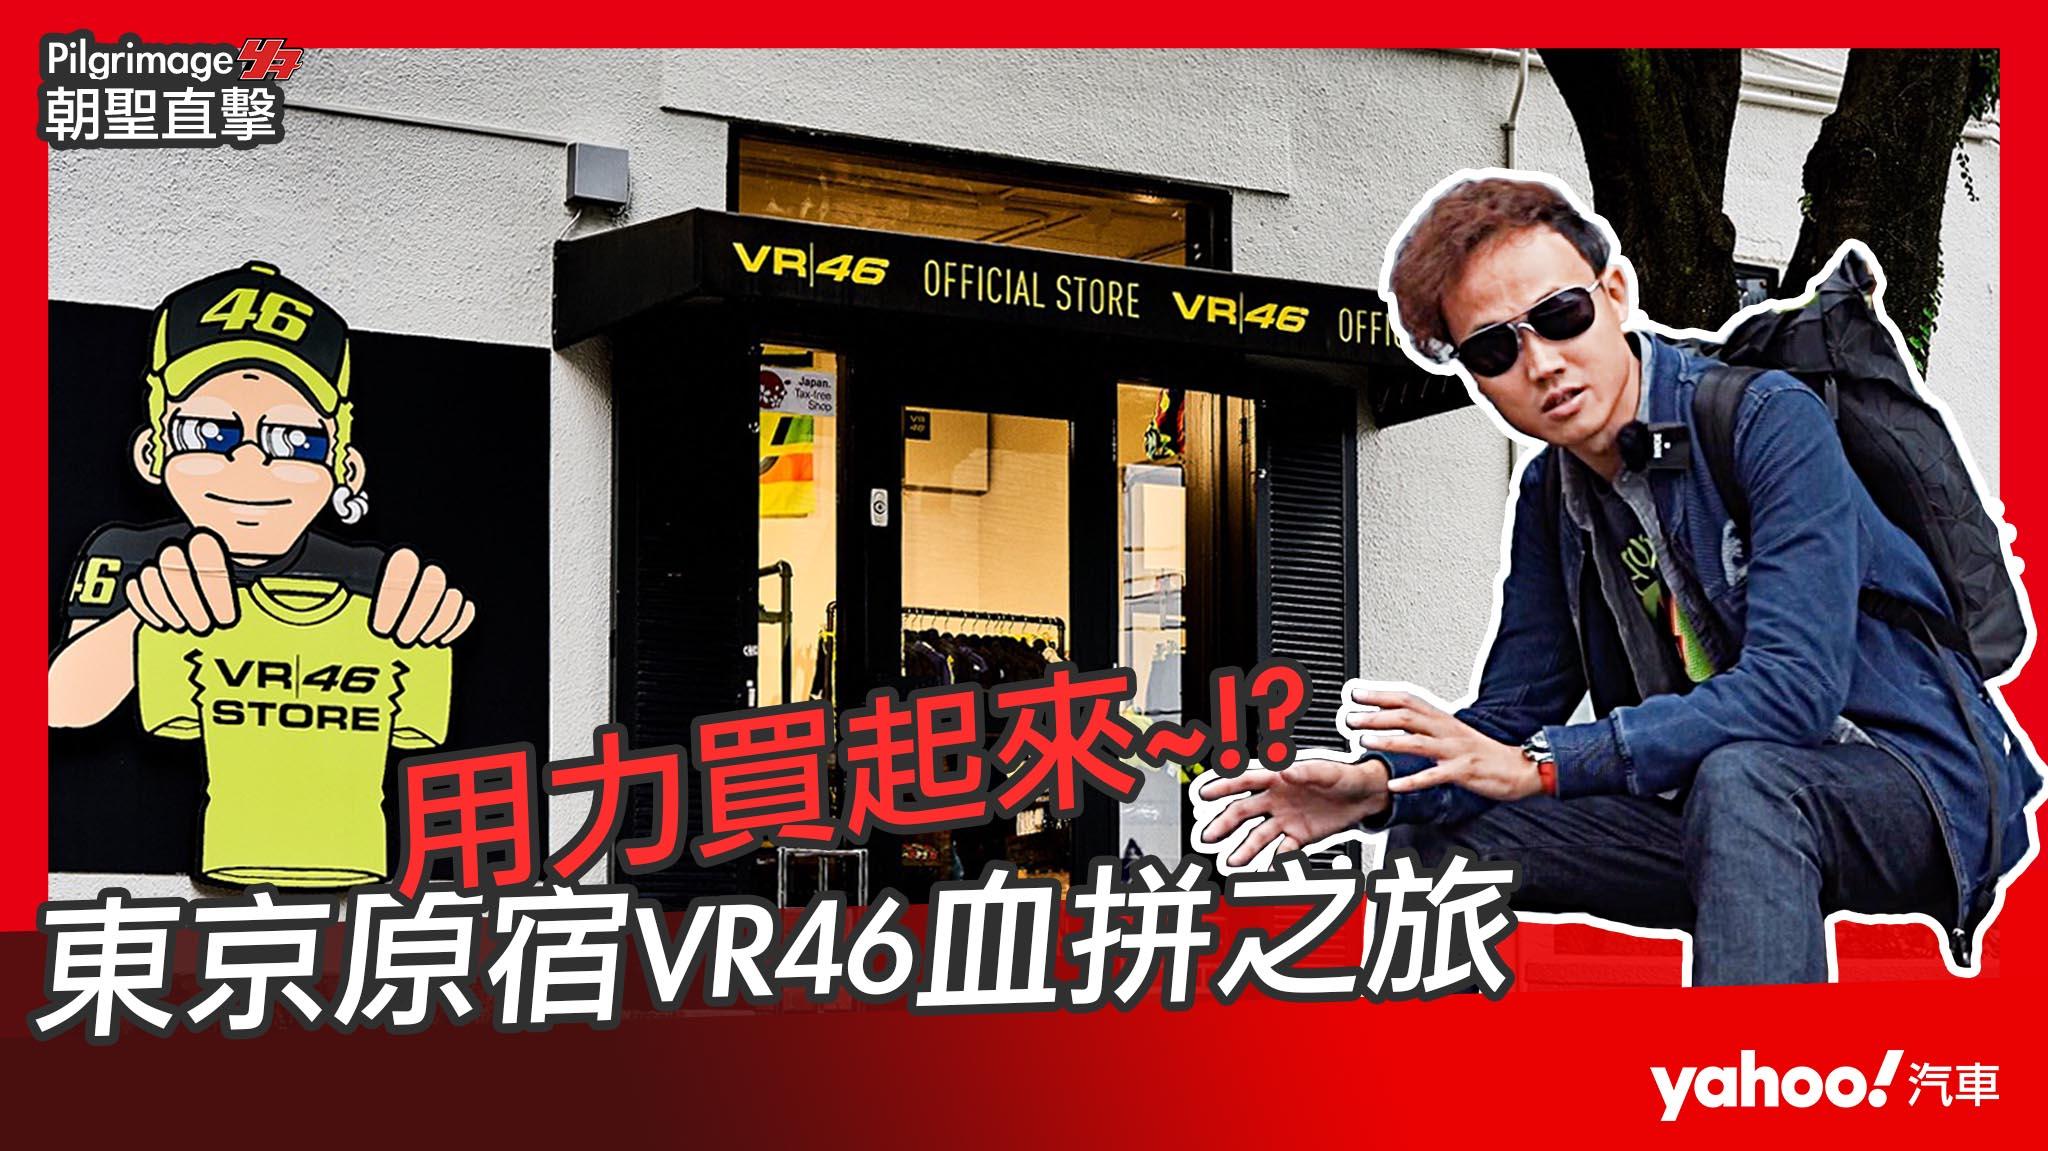 【朝聖直擊】親自入手MotoGP傳奇人物強打週邊!VR46 Store日本東京原宿店!